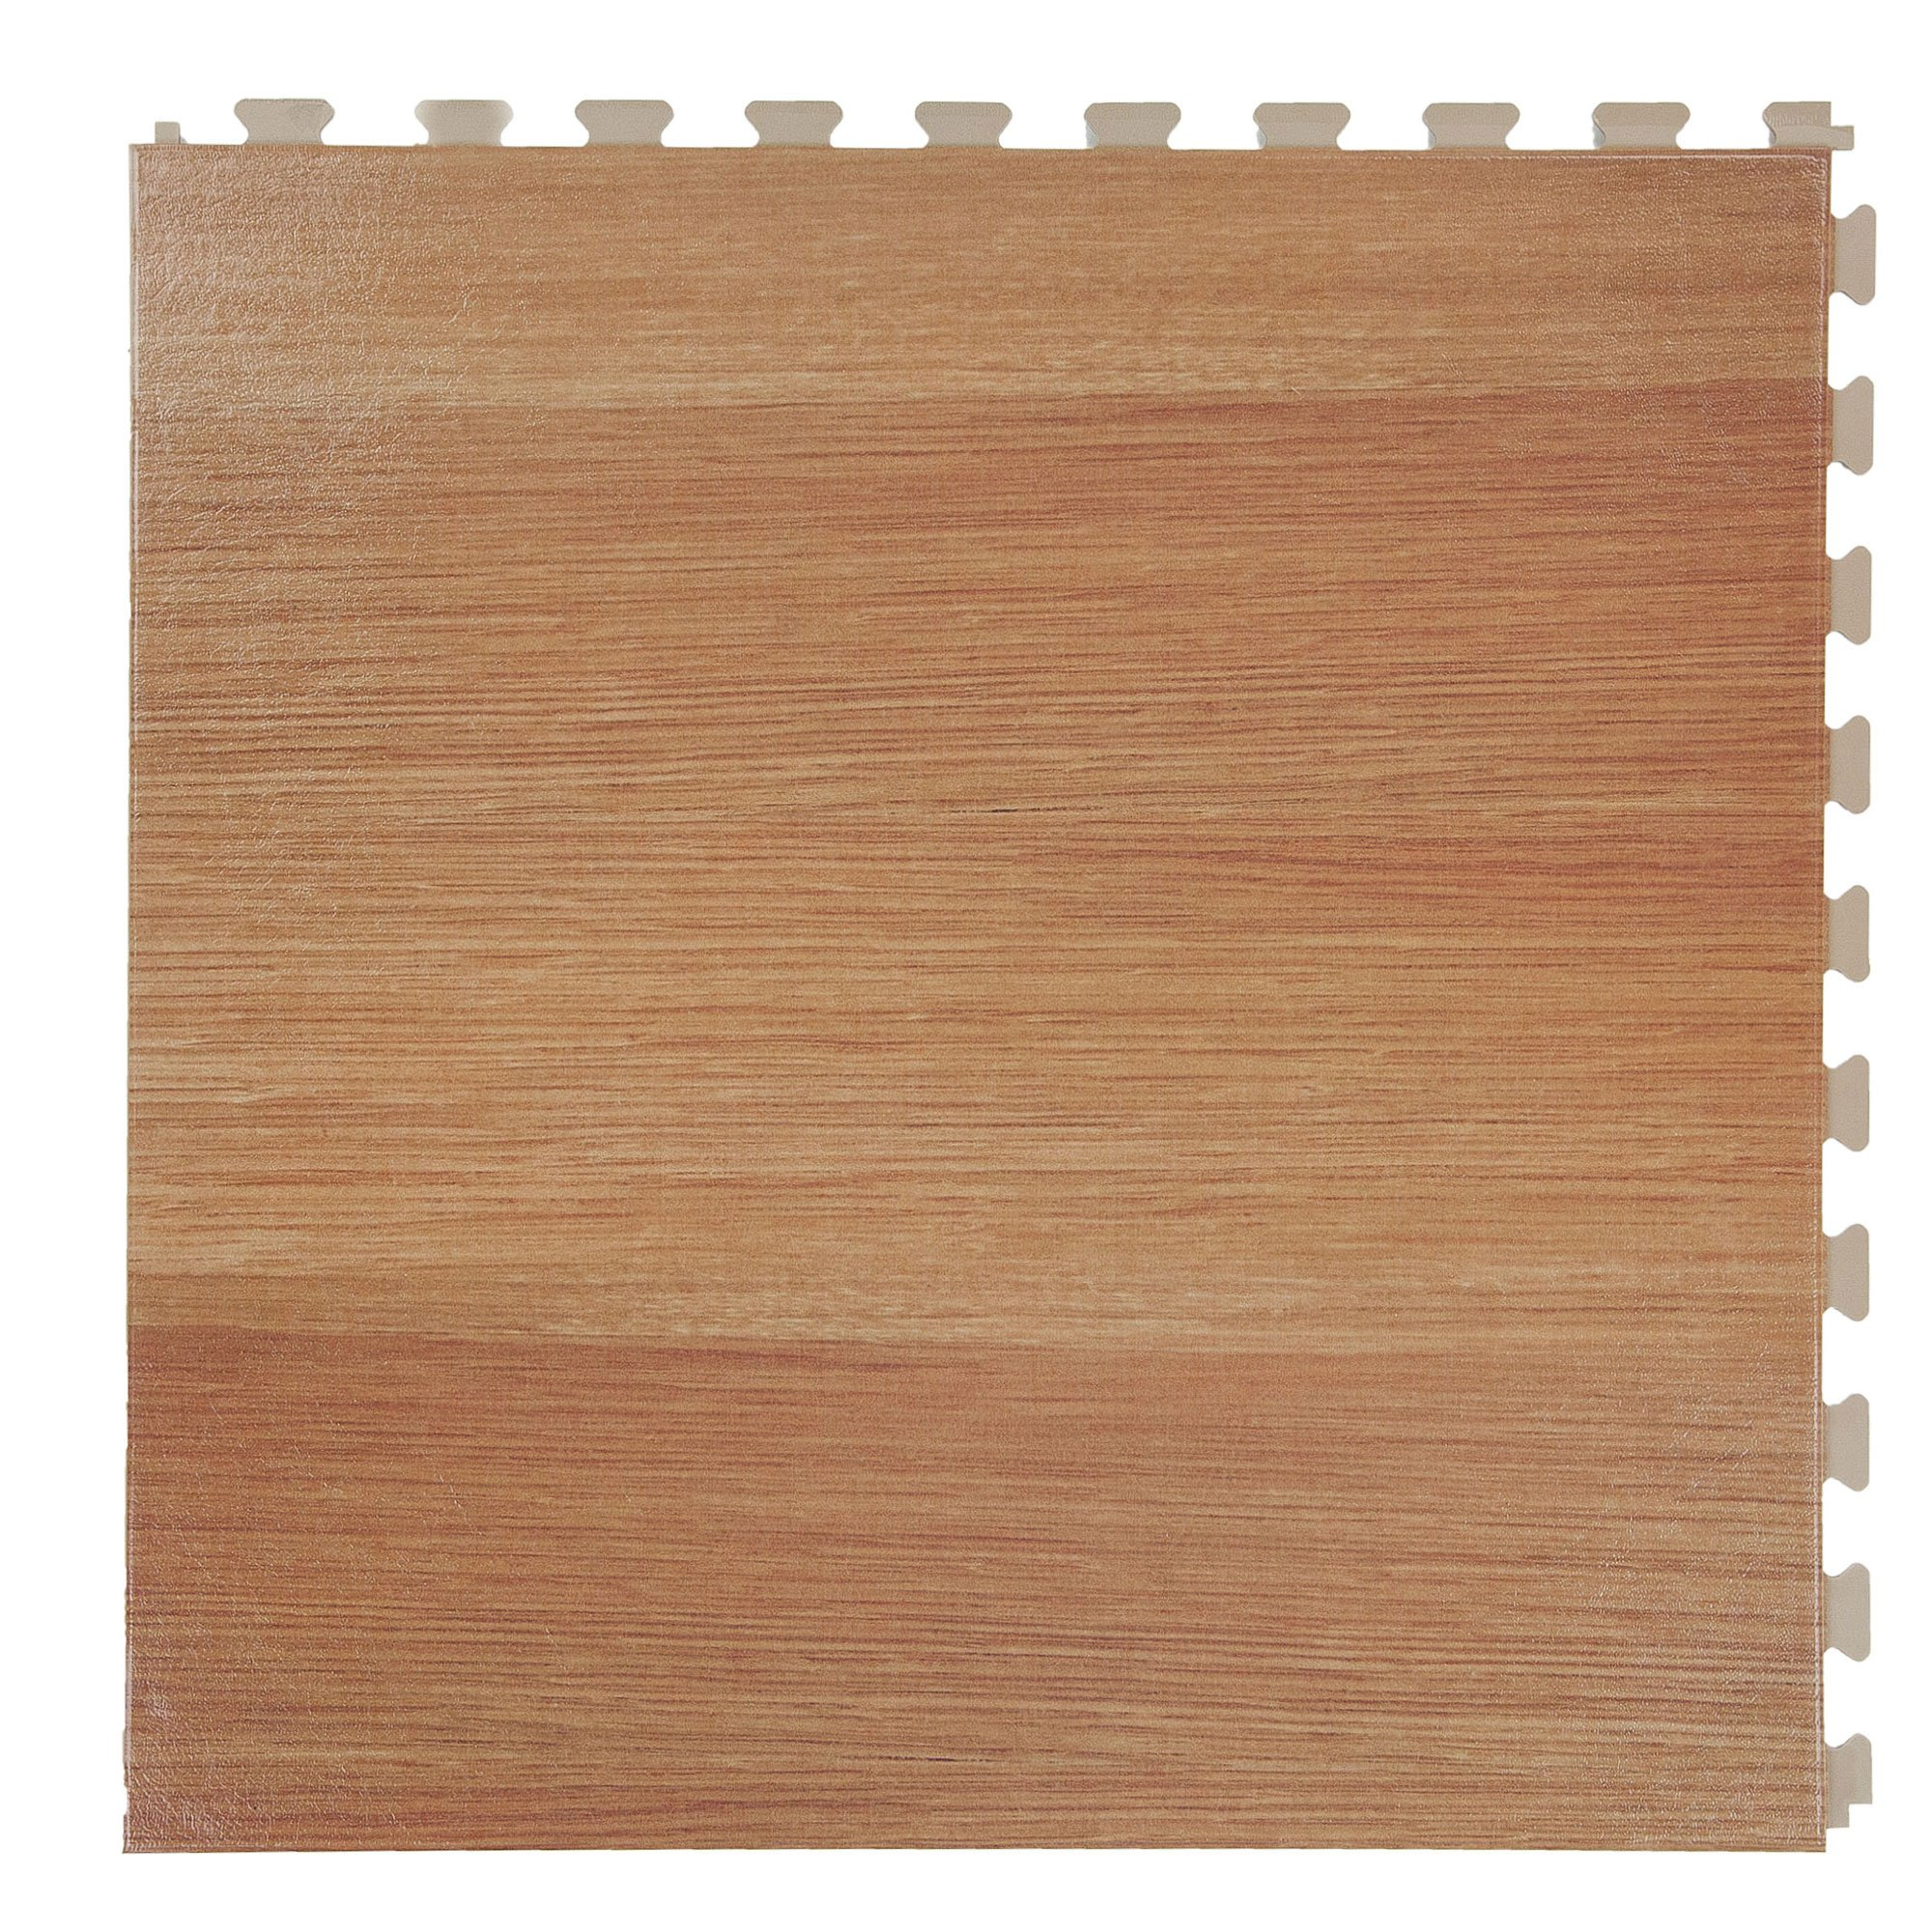 IncStores Wood Flex Multi-Purpose Hidden Interlocking PVC Floor Tiles 6 Tile Pack Covers 16.67 sqft (Bordeaux Maple)